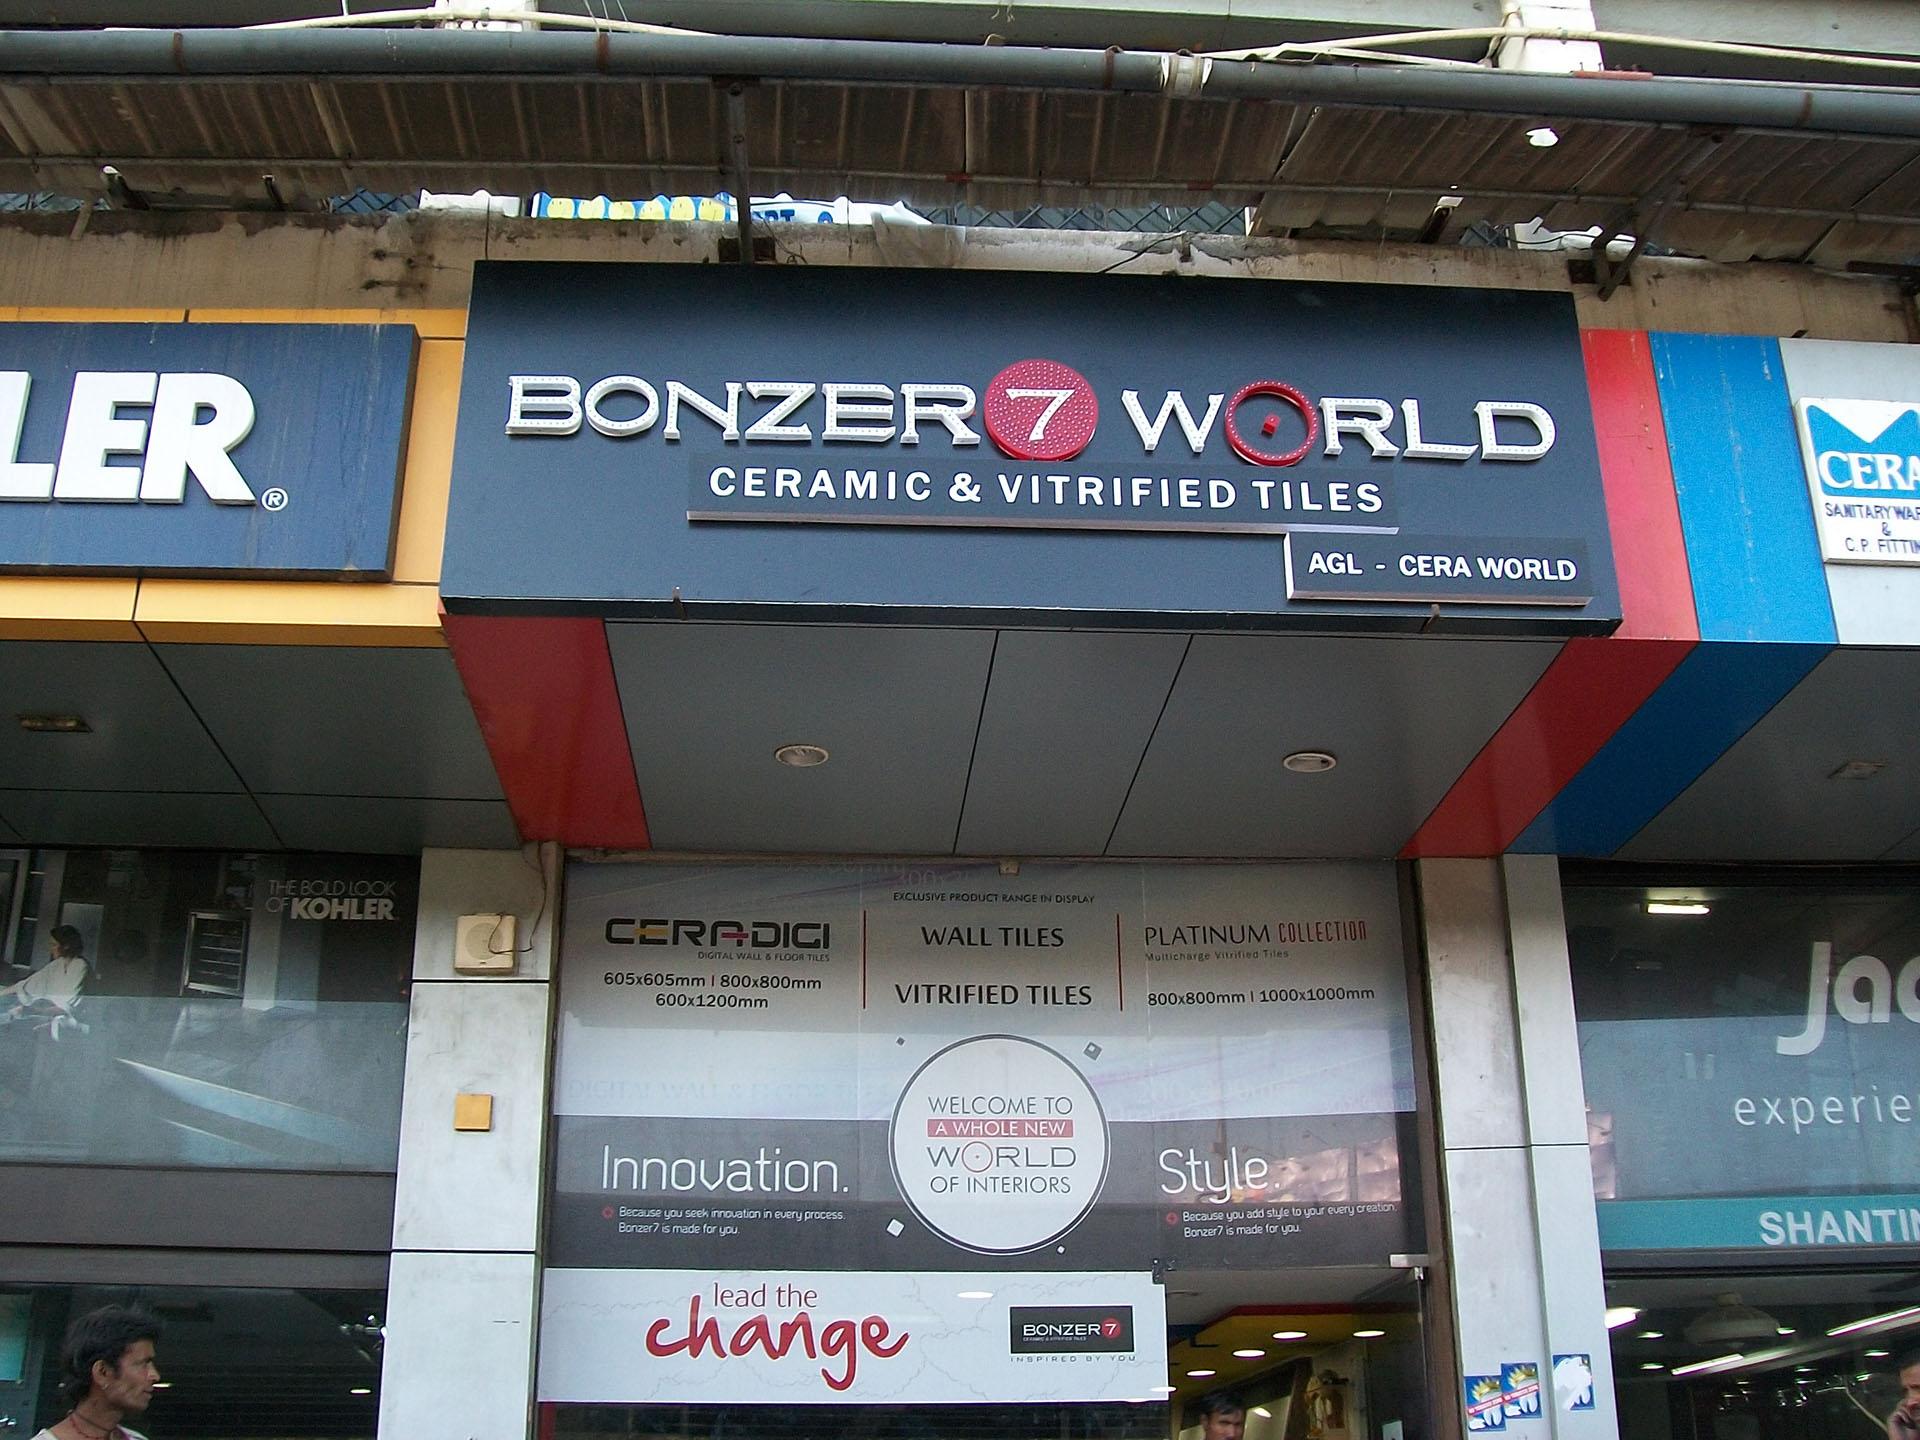 Bonzer7 World(Surat)